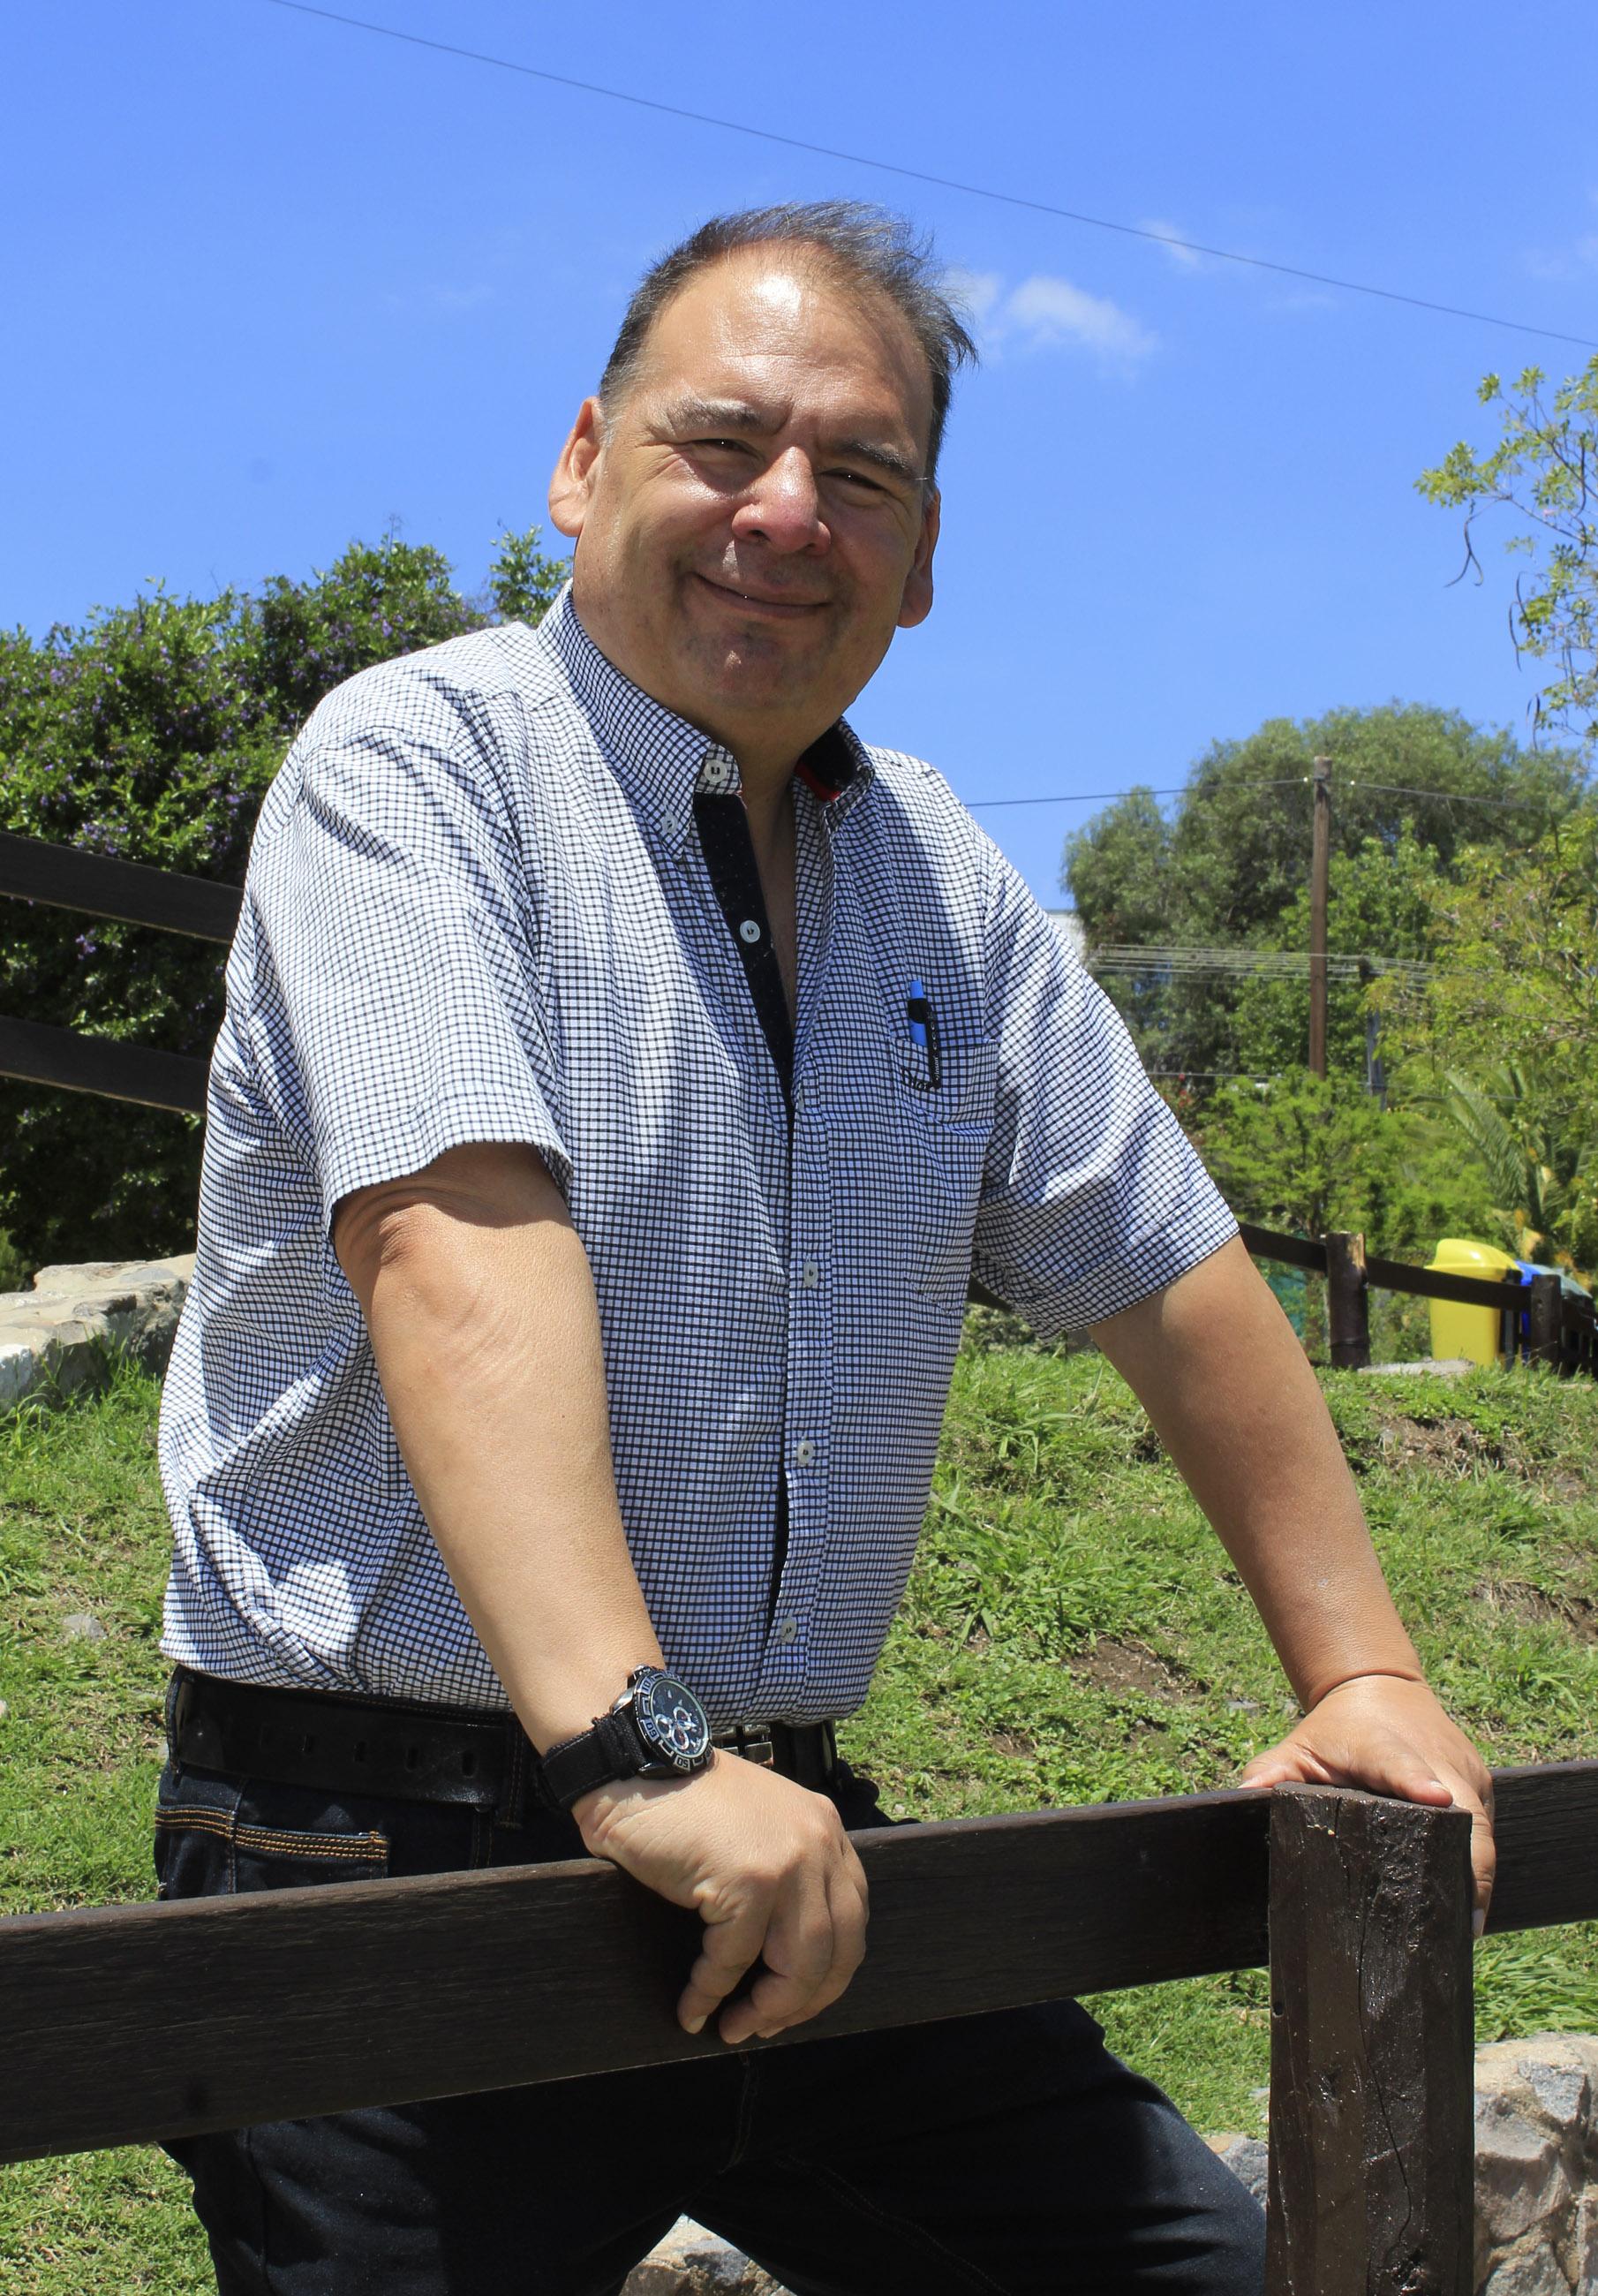 """Jorge Sánchez: """"El público reclama contenido, hay que mostrar más deporte y en mayor variedad"""" 7"""